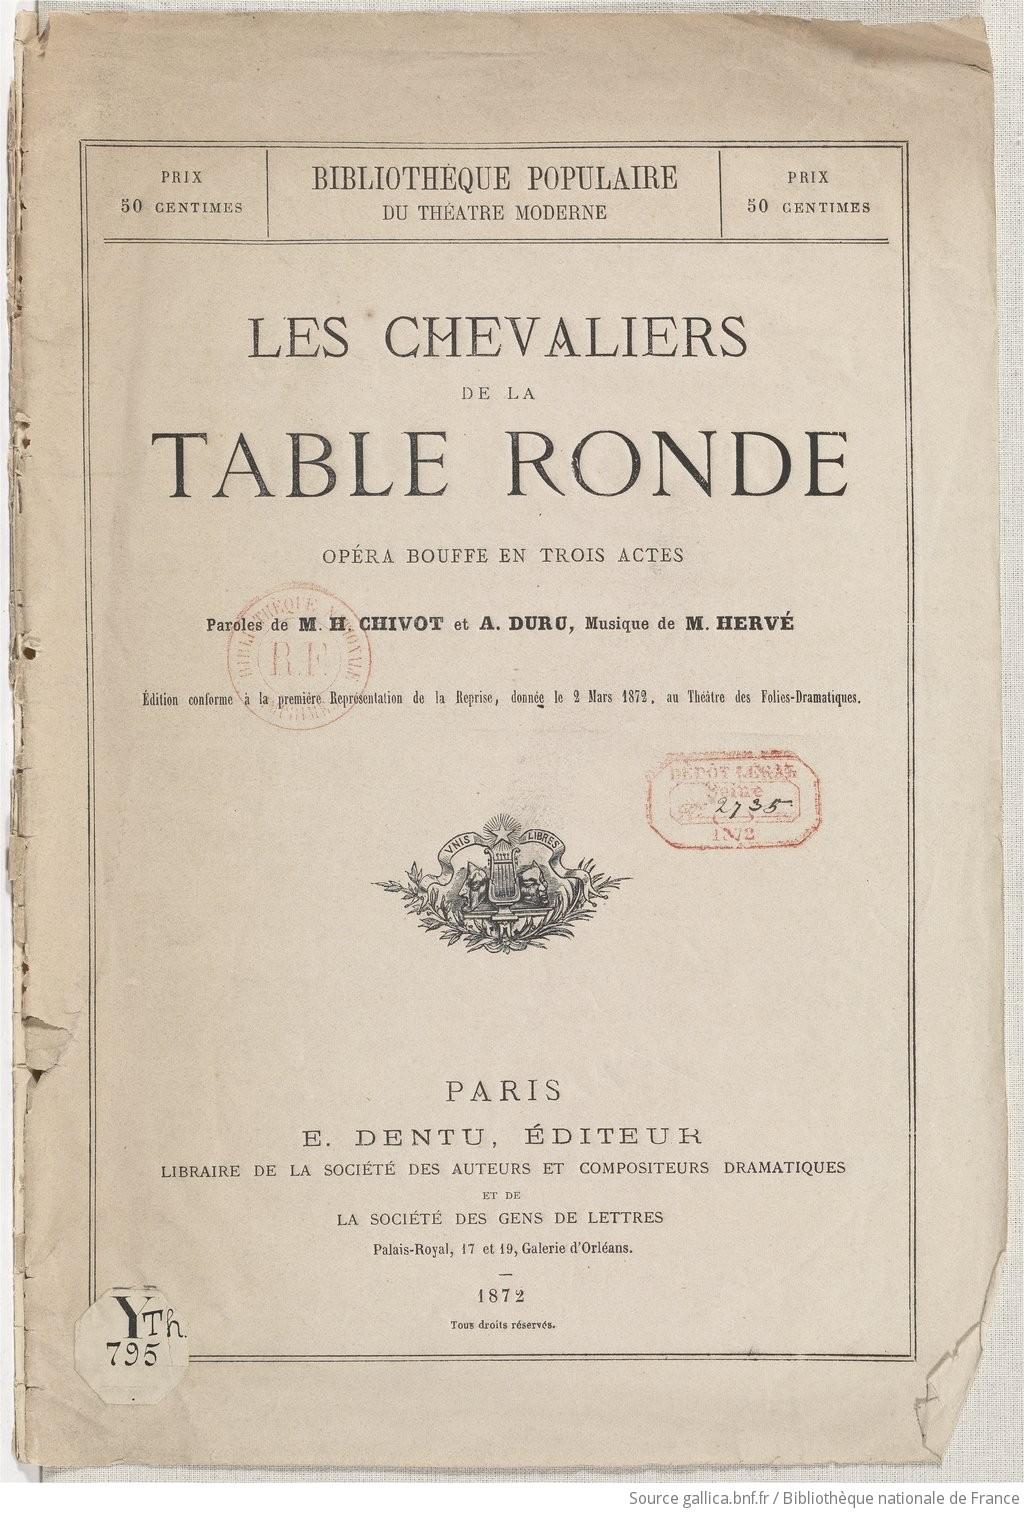 Les Chevaliers De La Table Ronde Opera Bouffe En Trois Actes